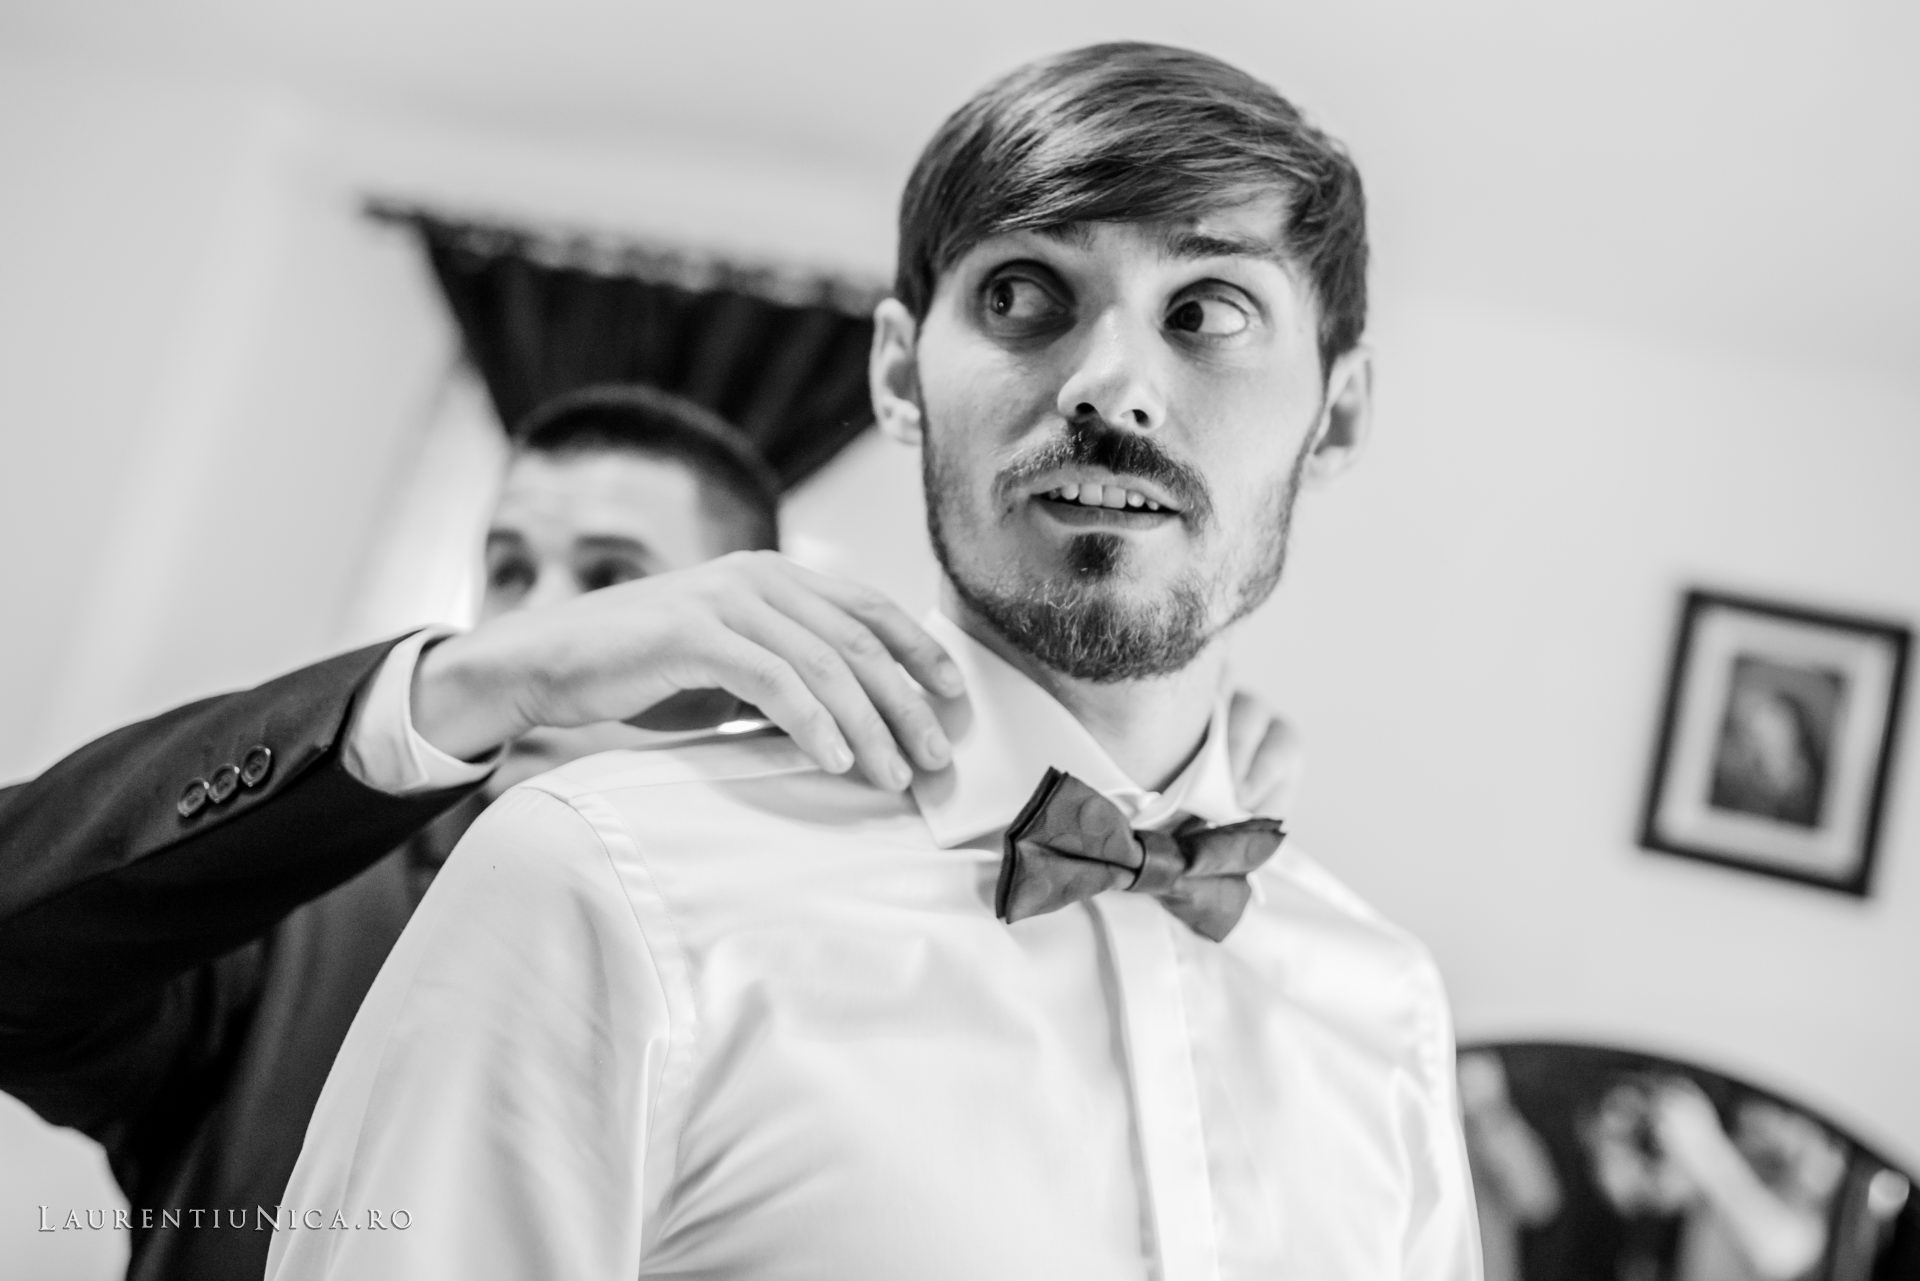 Cristina si Ovidiu nunta Craiova fotograf laurentiu nica 036 - Cristina & Ovidiu | Fotografii nunta | Craiova